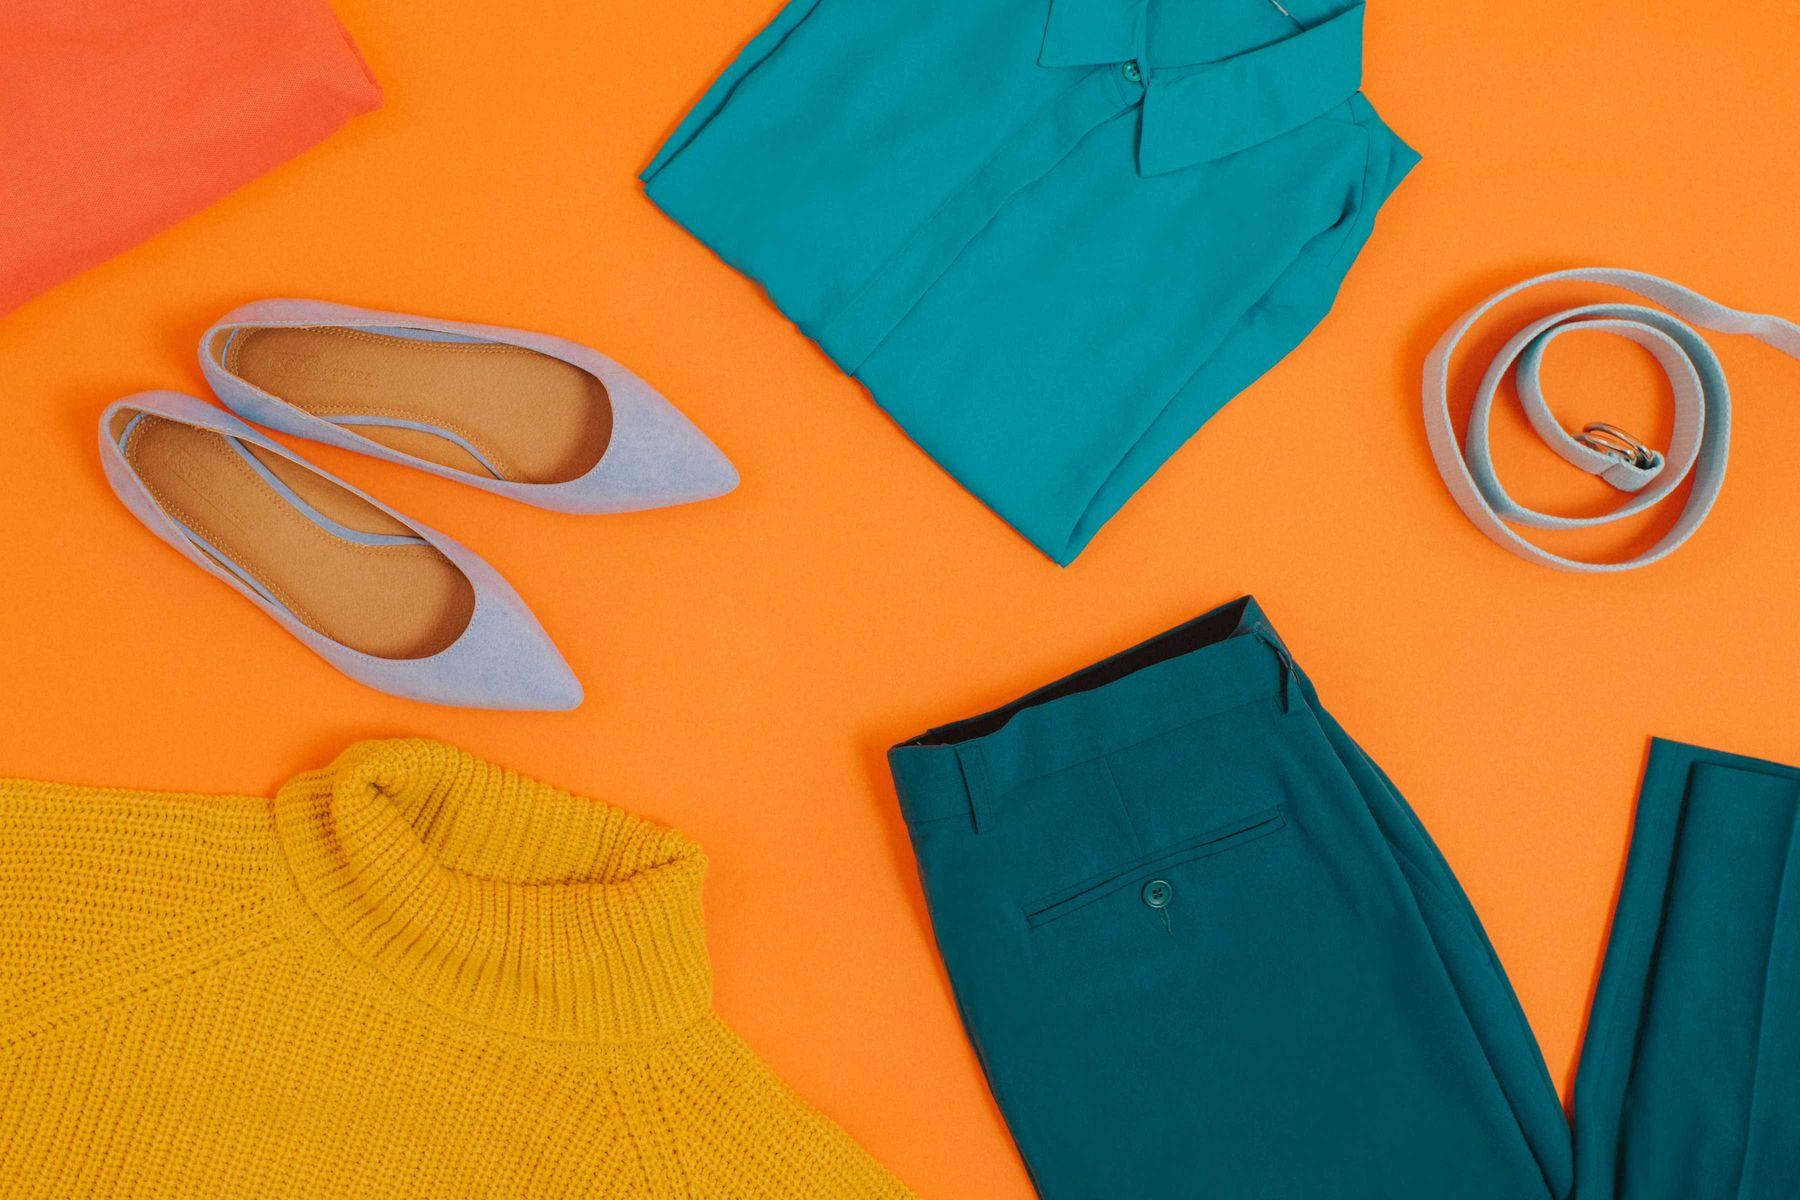 sapatinha-roupas-e-cinto-sobre-fundo-laranja